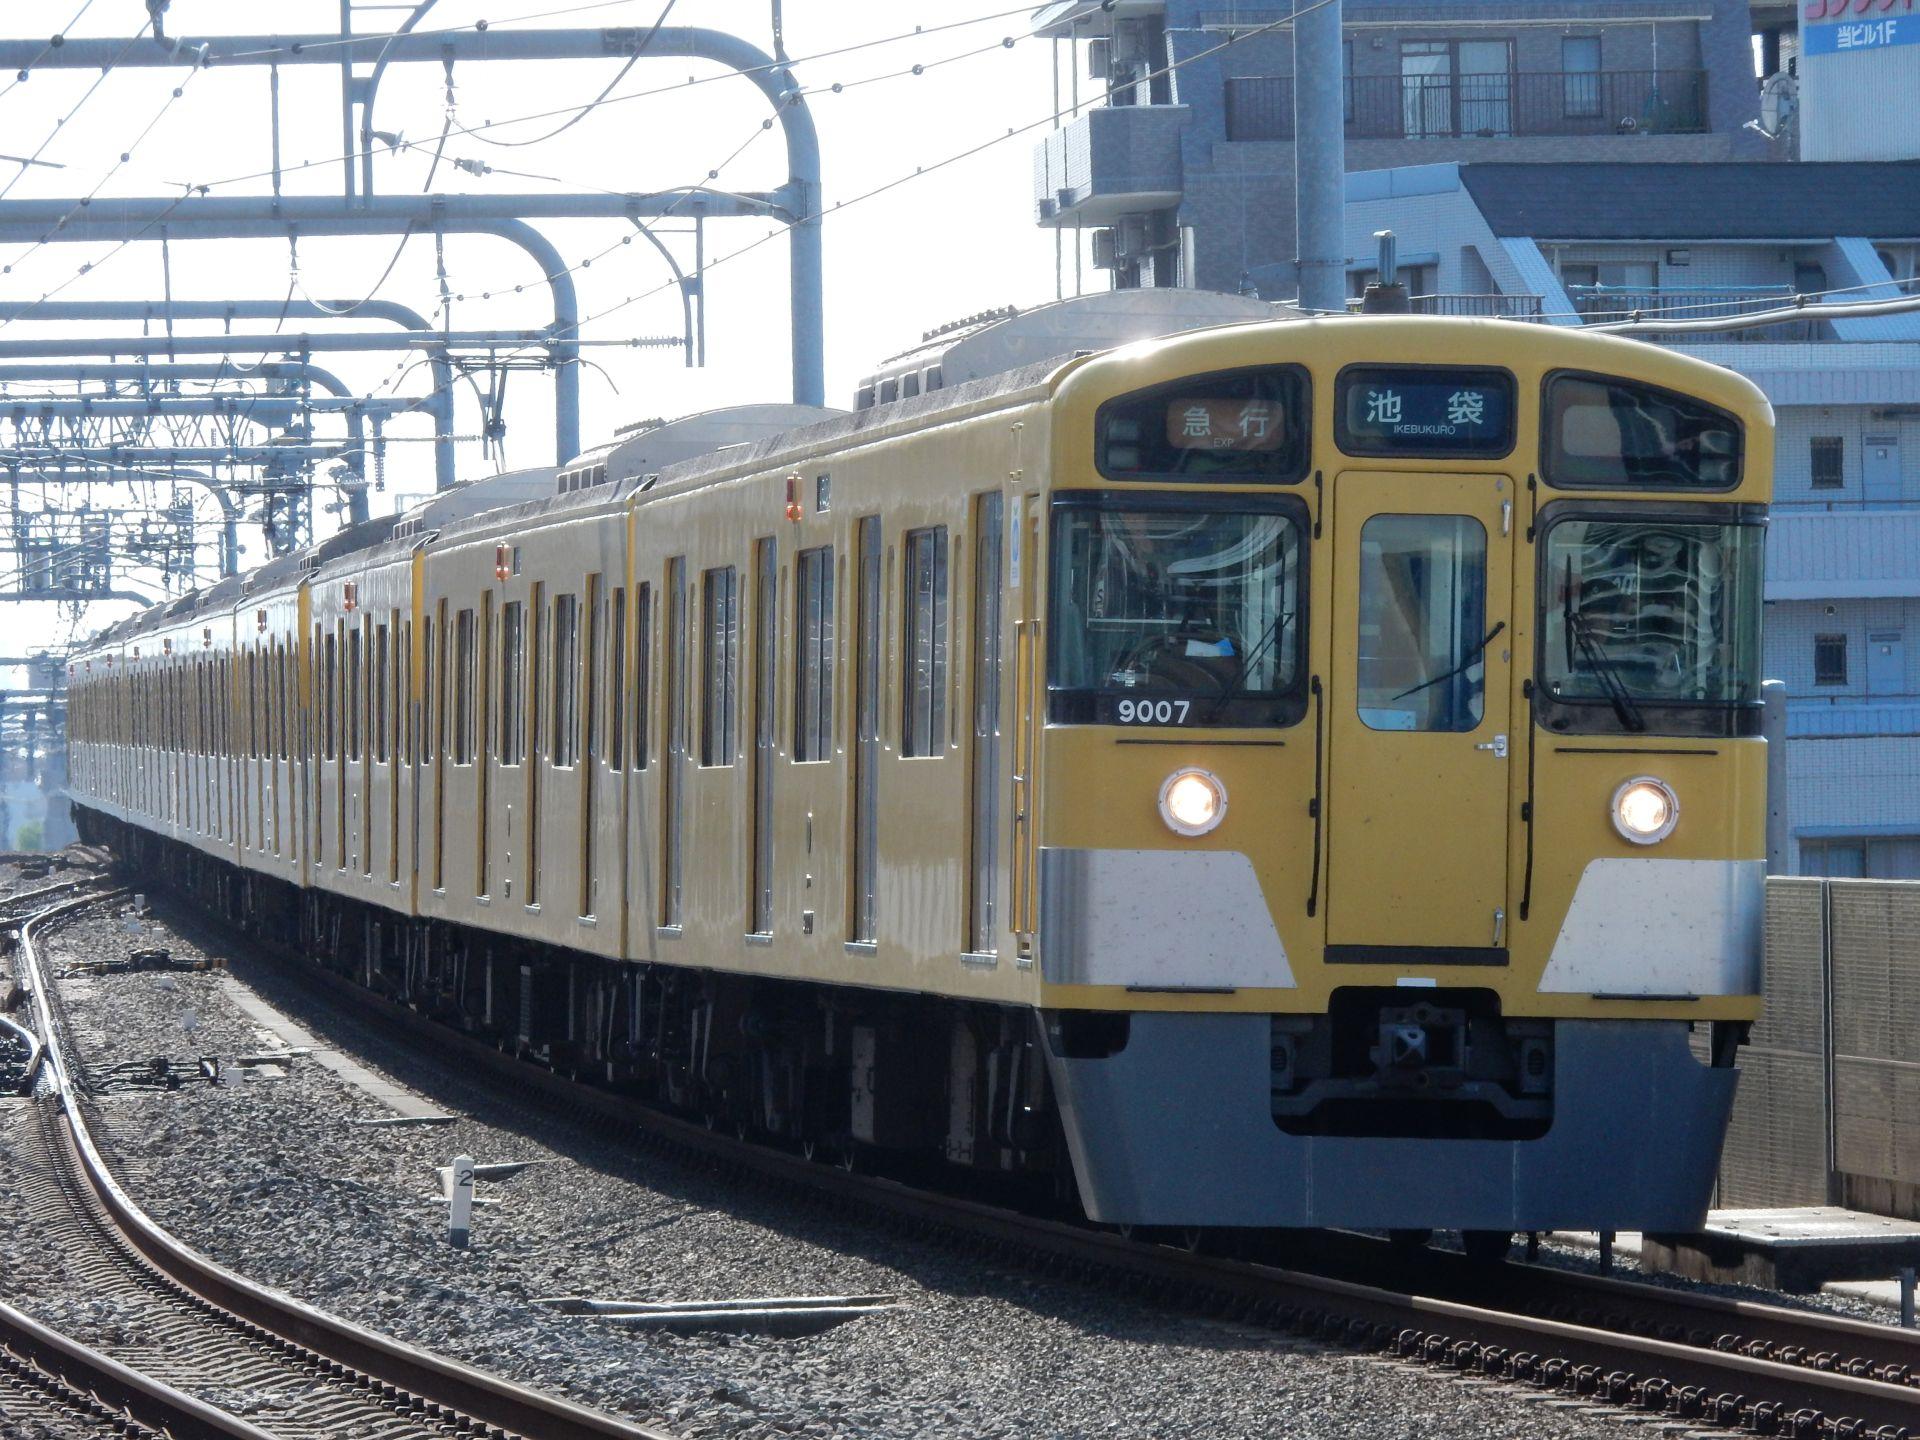 DSCN9046 - コピー